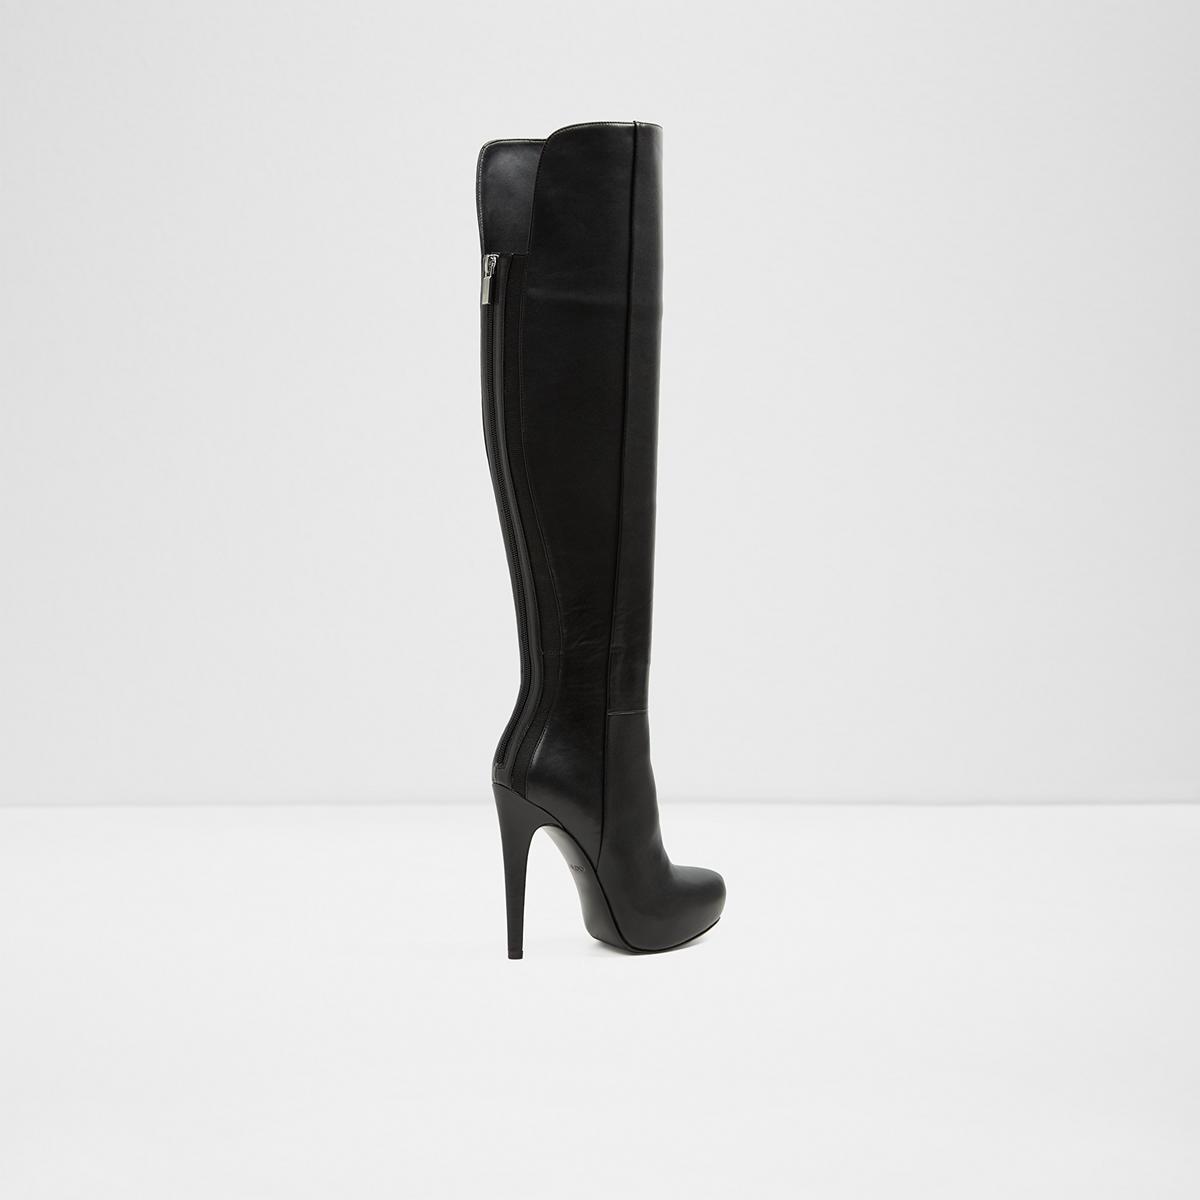 d4e48fdcf47 Thardossi Black Women s Over-the-knee boots